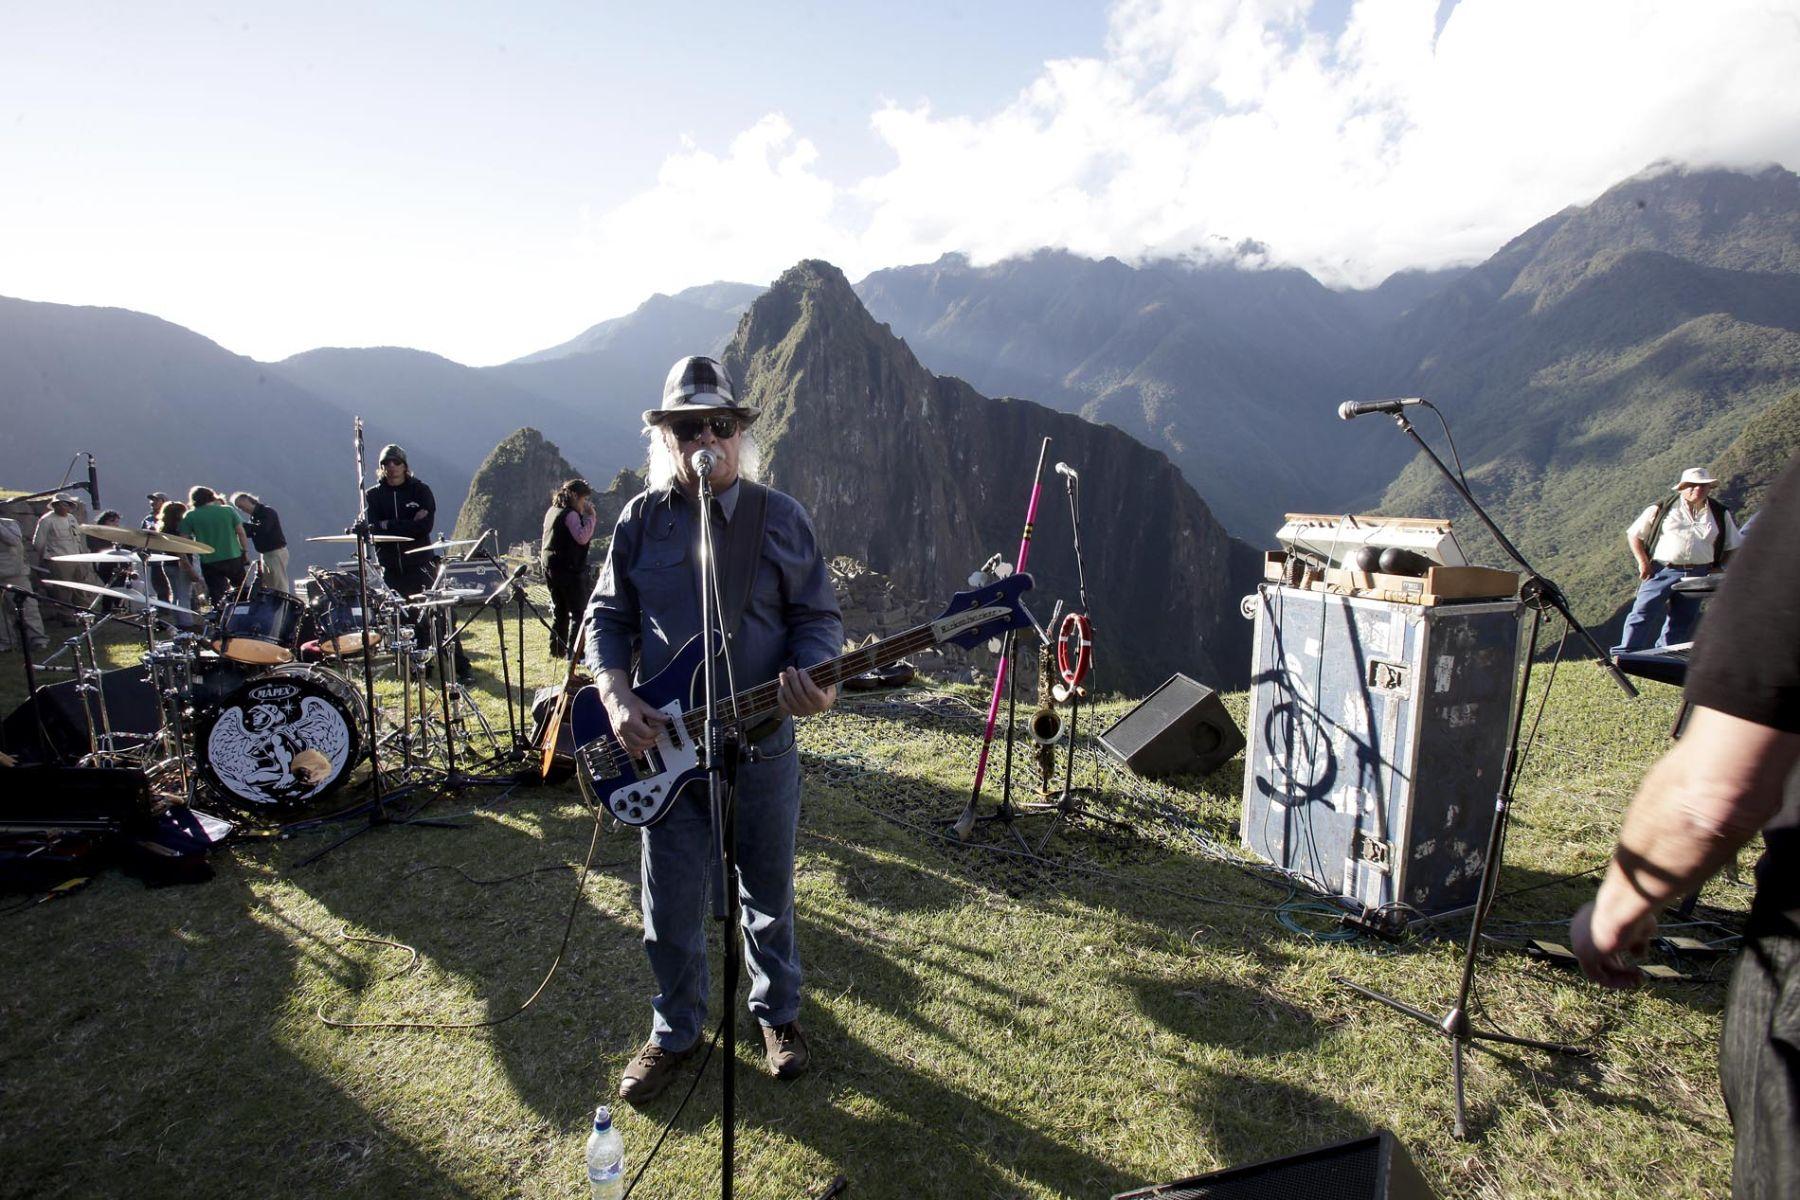 Integrantes del grupo Los Jaivas realizan pruebas de sonido para el concierto que realizarán mañana en la ciudadela de Machu Picchu Foto: ANDINA/Alberto Orbegoso